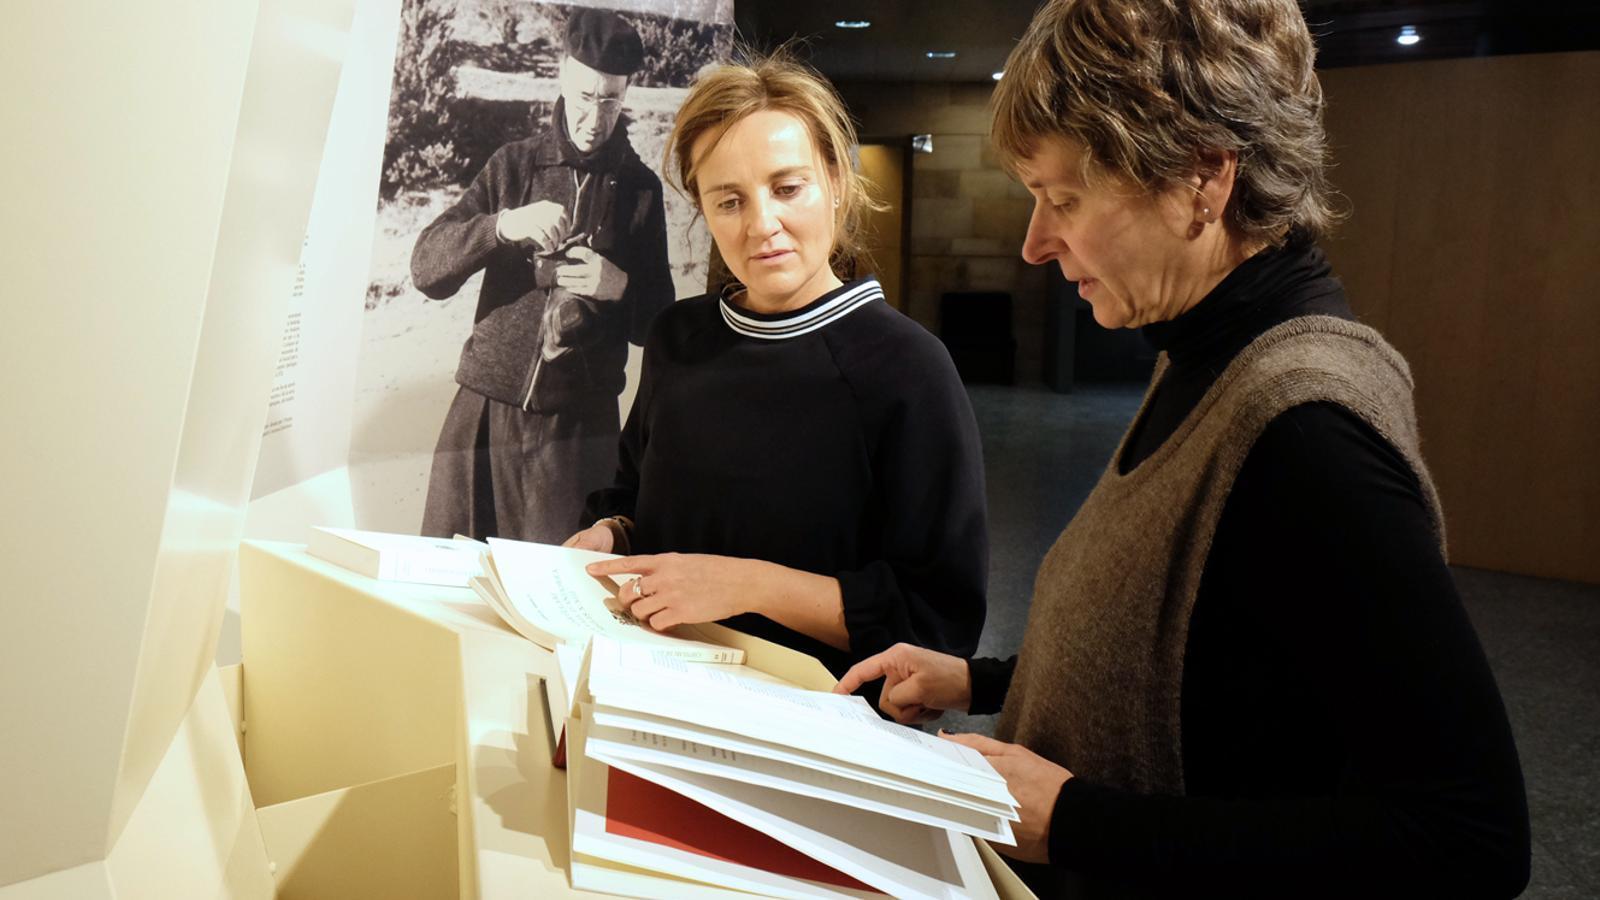 Olga Gelabert i Susanna Vela consultant la documentació de Cebrià Baraut / M. T. (ANA)